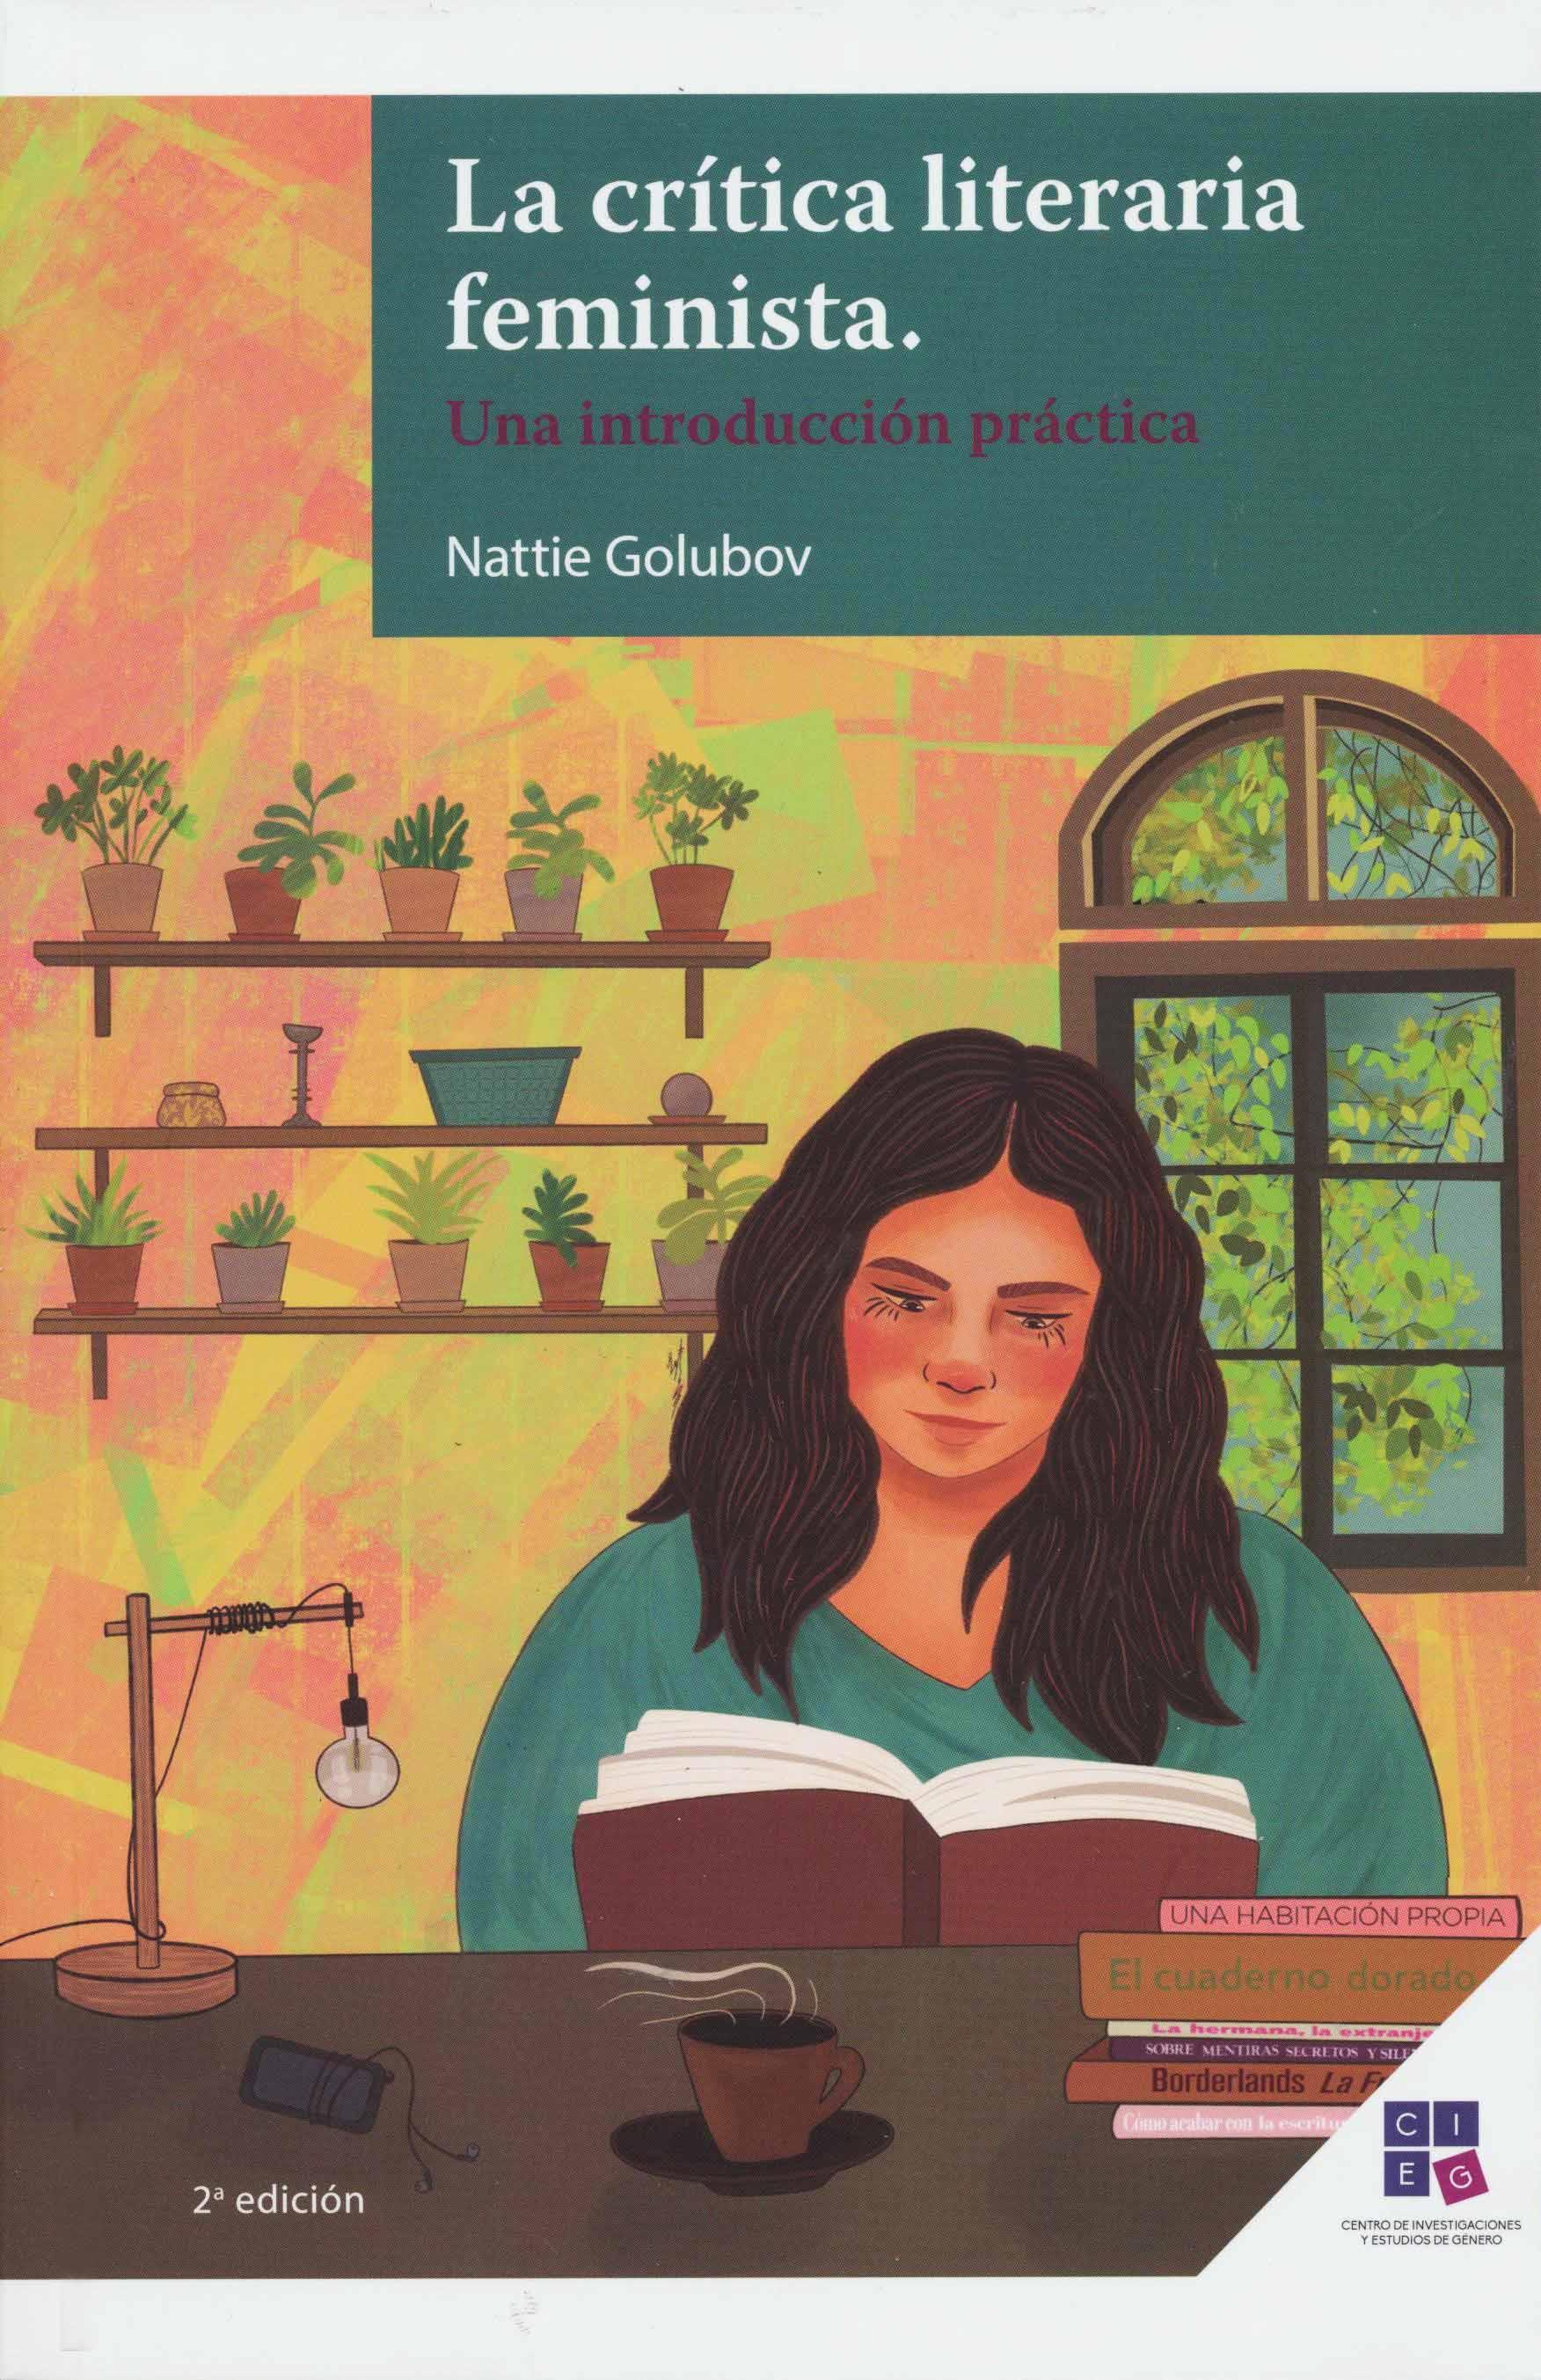 La crítica literaria feminista. Una introducción práctica